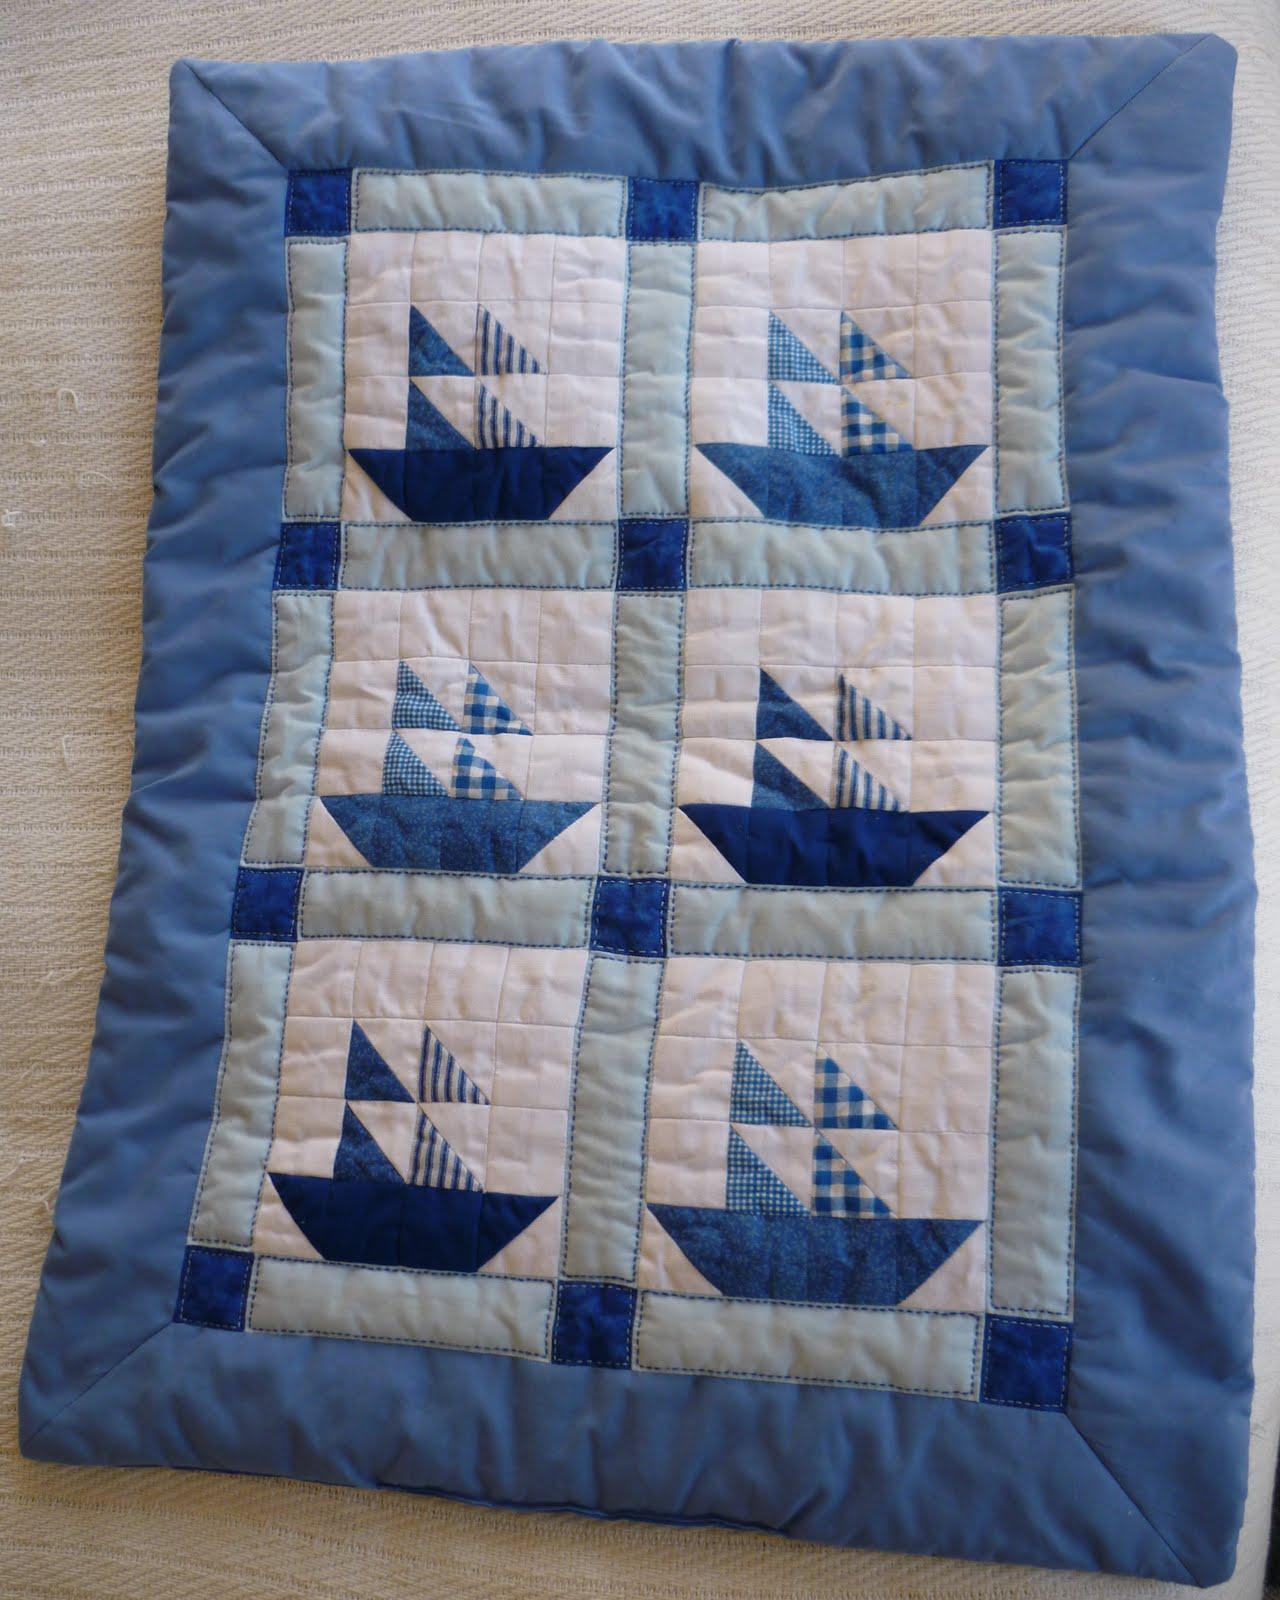 Amil creaciones colchas beb patchwork - Como hacer colchas de patchwork ...